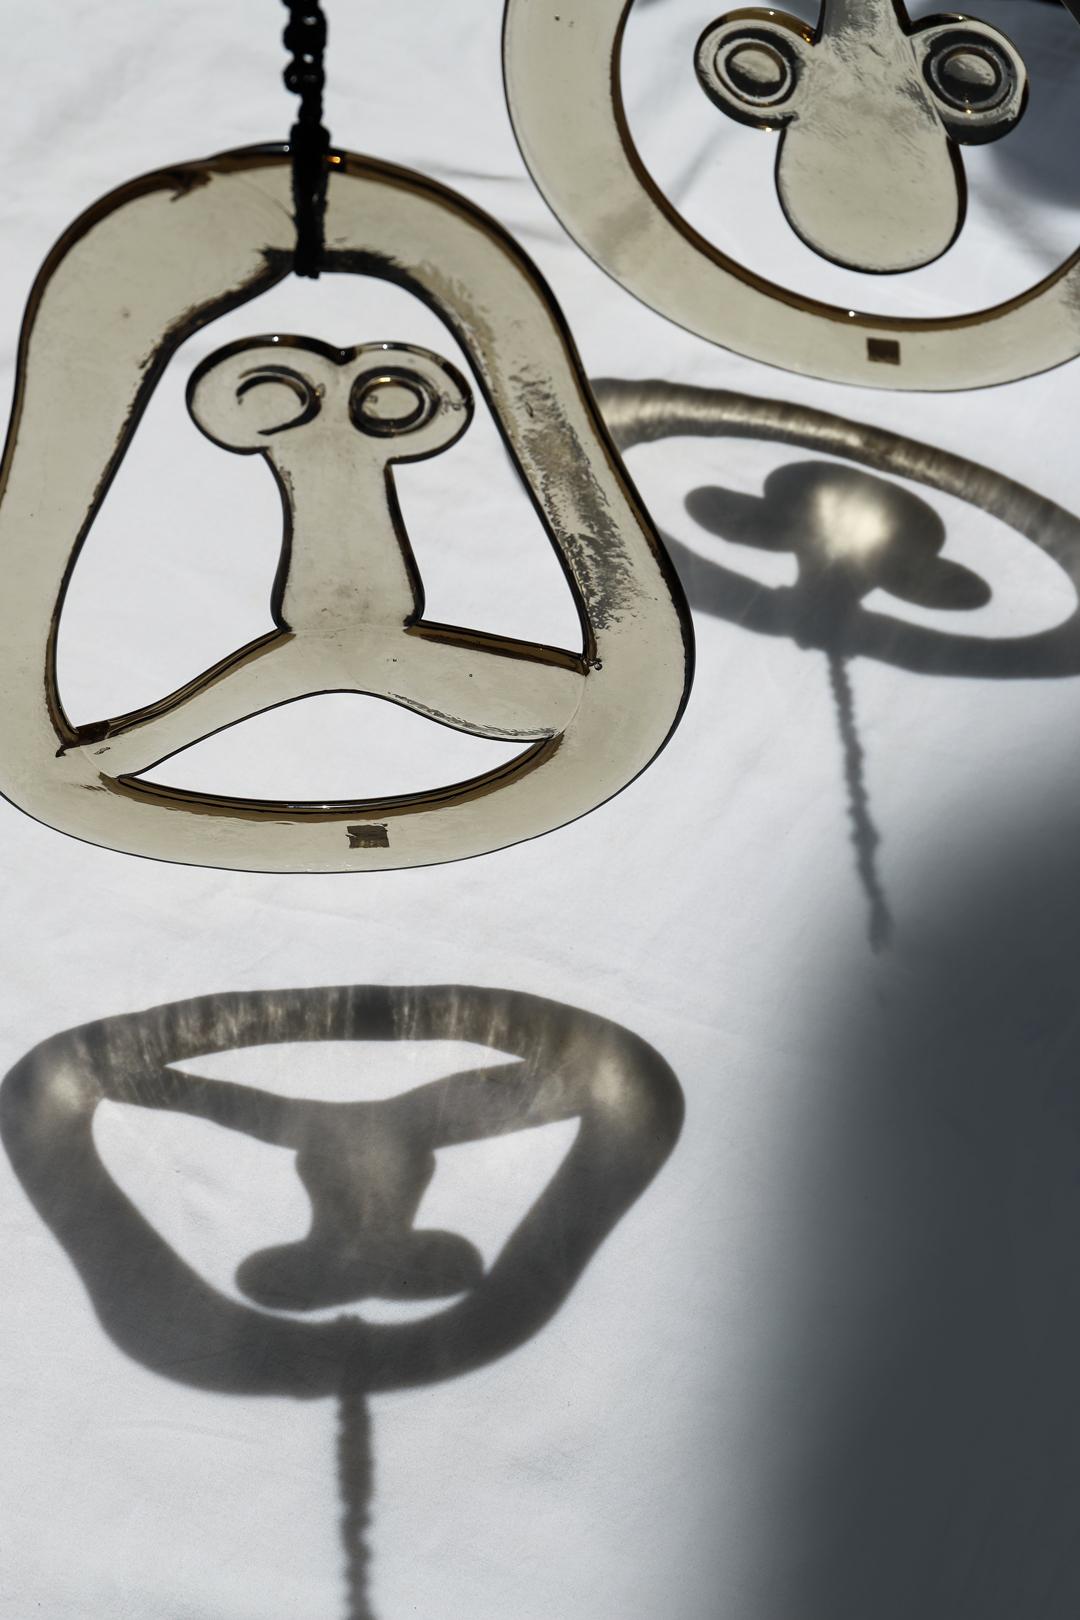 Kagami Crystal Glass Ornament/カガミクリスタル ガラス オーナメント 壁掛け インテリア レトロモダン